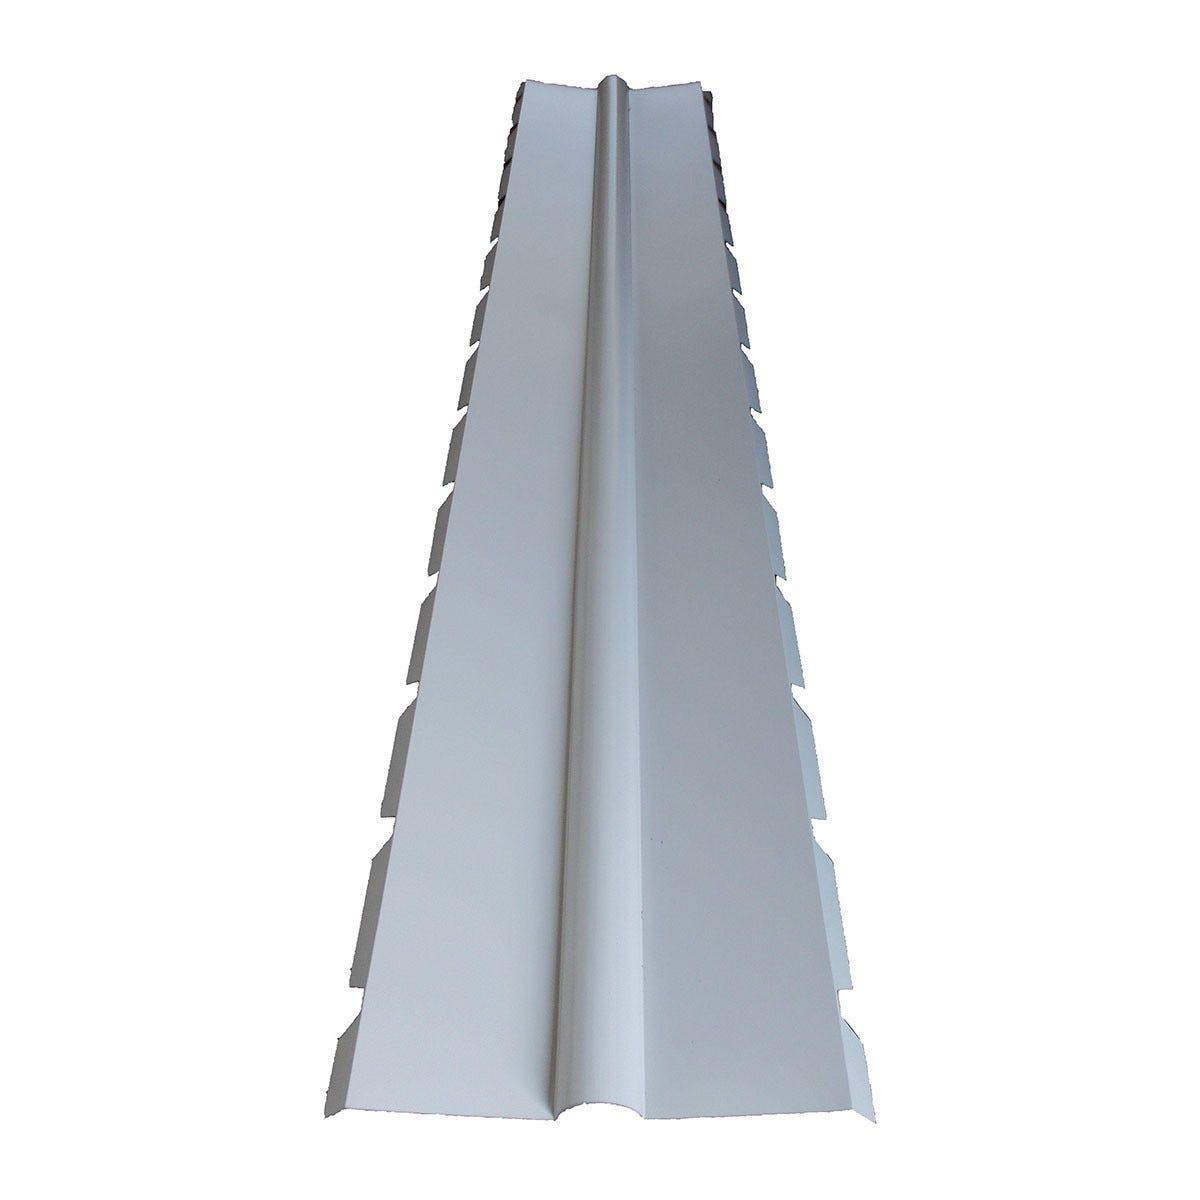 Colmo A 2 Falde Per Lamiera 3,25 M Grecata Coibentata Color Bianco